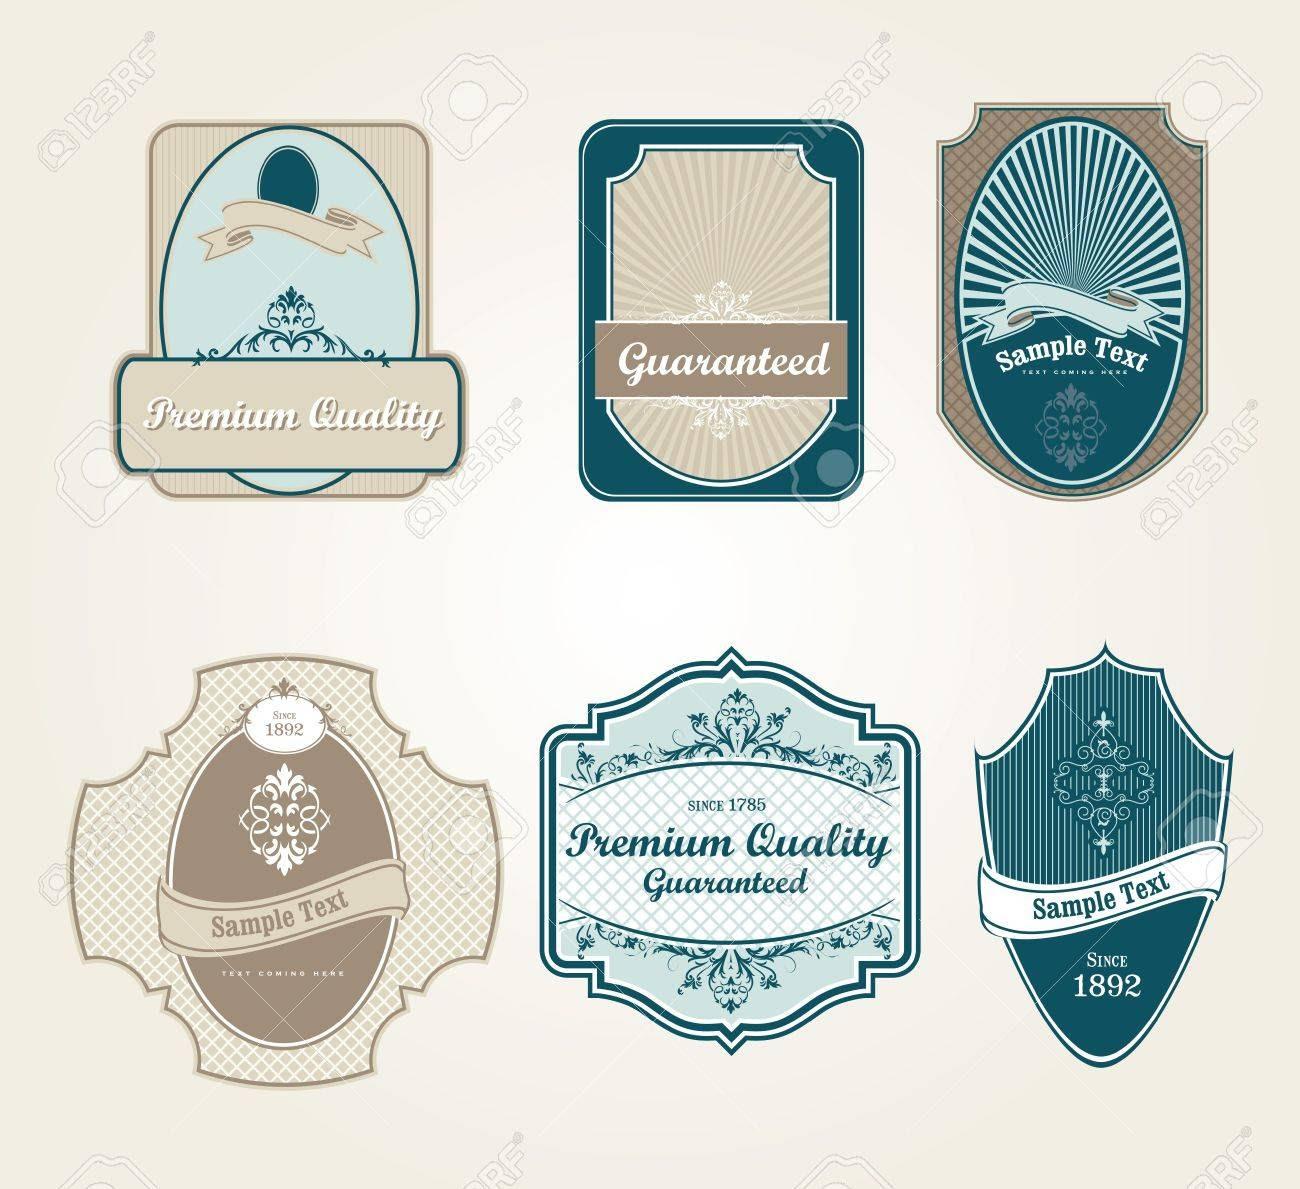 Retro Vintage Labels In Editable Vector Format Royalty Free ...